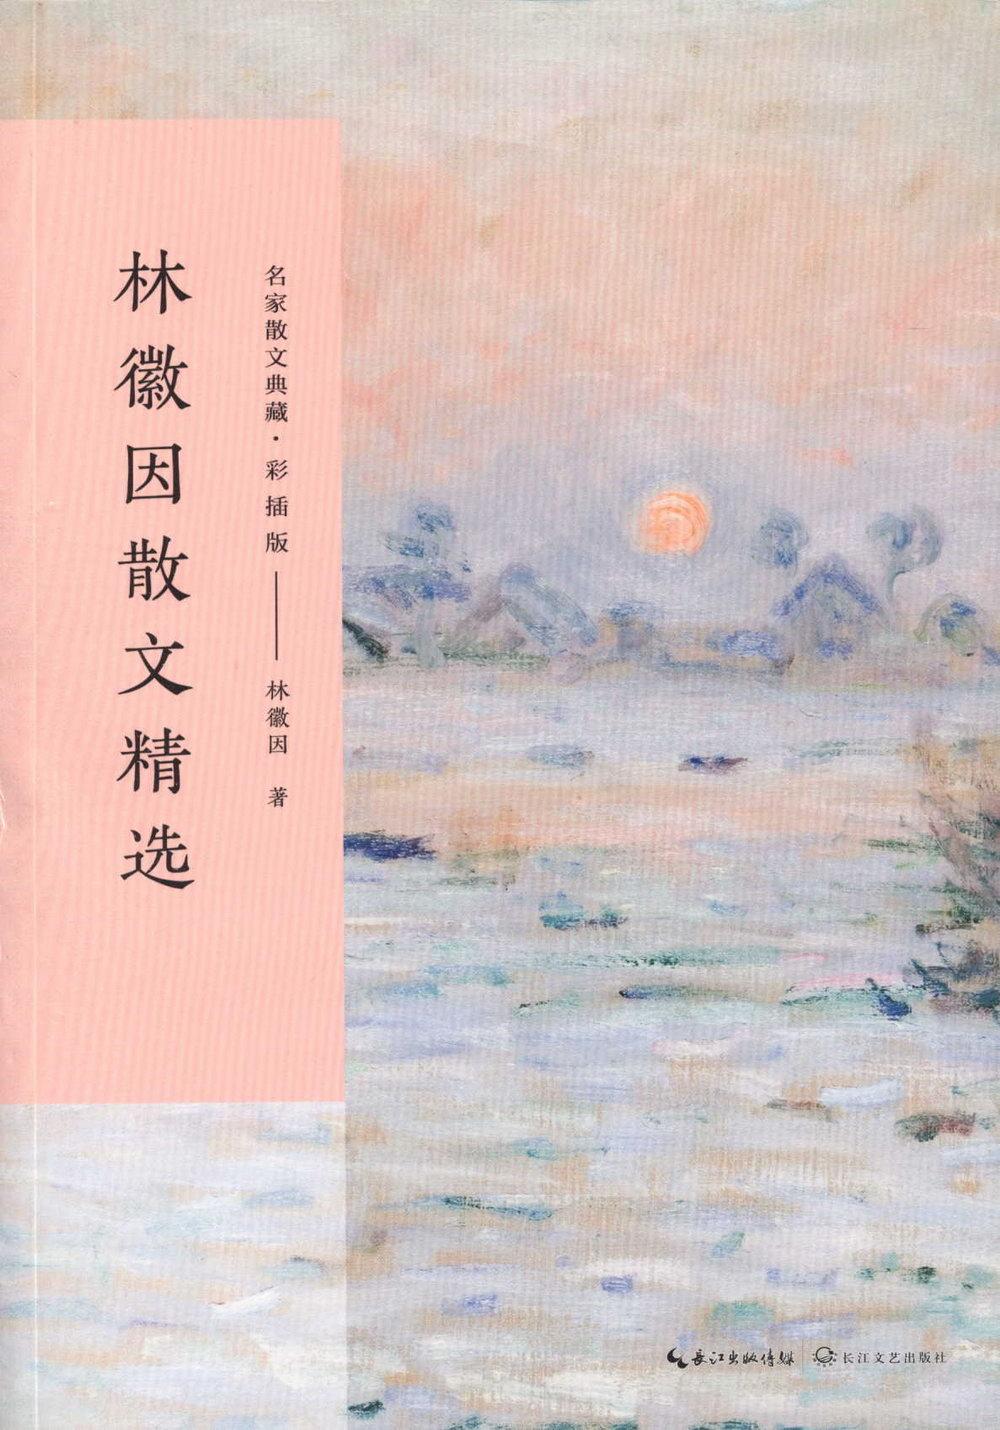 林徽因散文精選(彩插版)